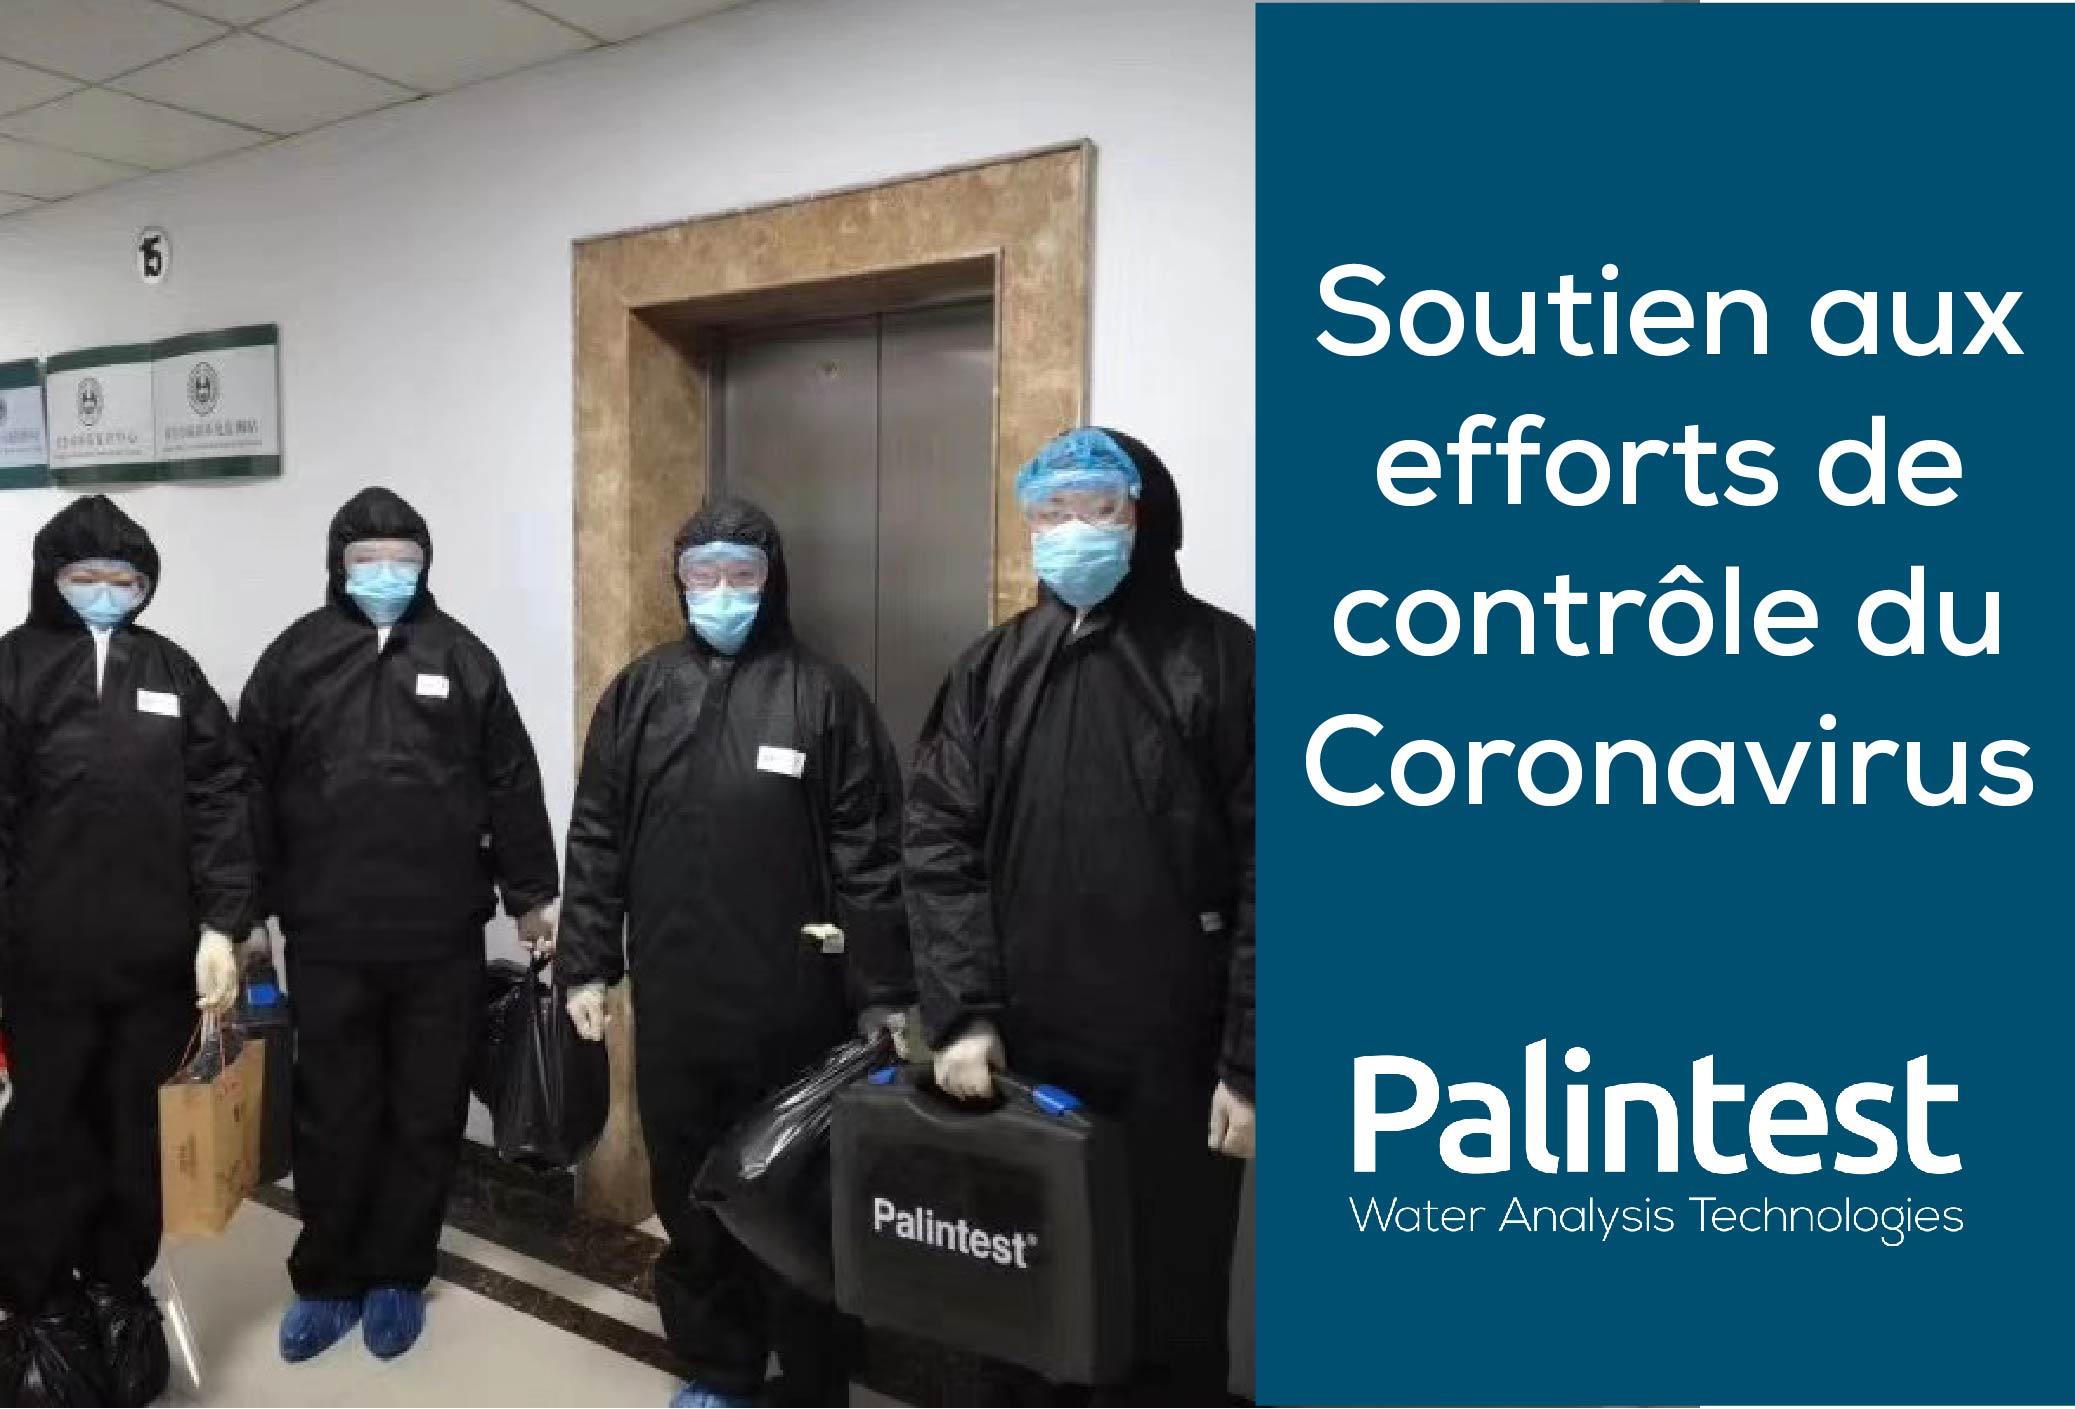 Soutien aux efforts de contrôle du coronavirus